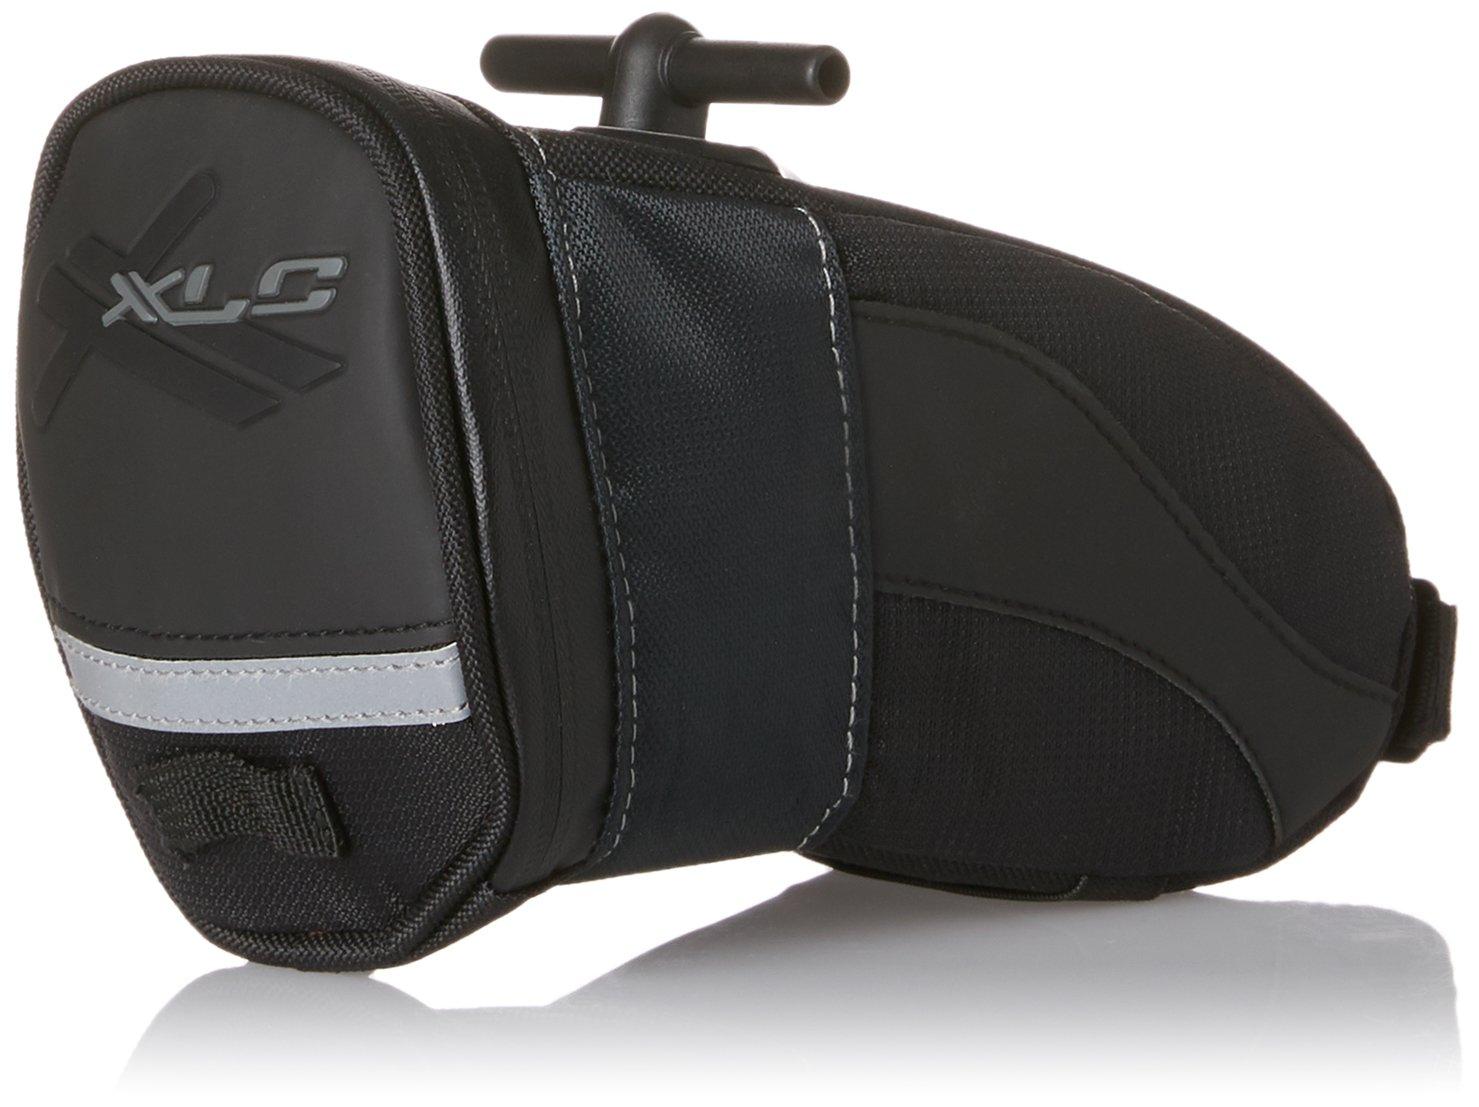 Erwachsene Satteltasche BA-S44 XLC Unisex/